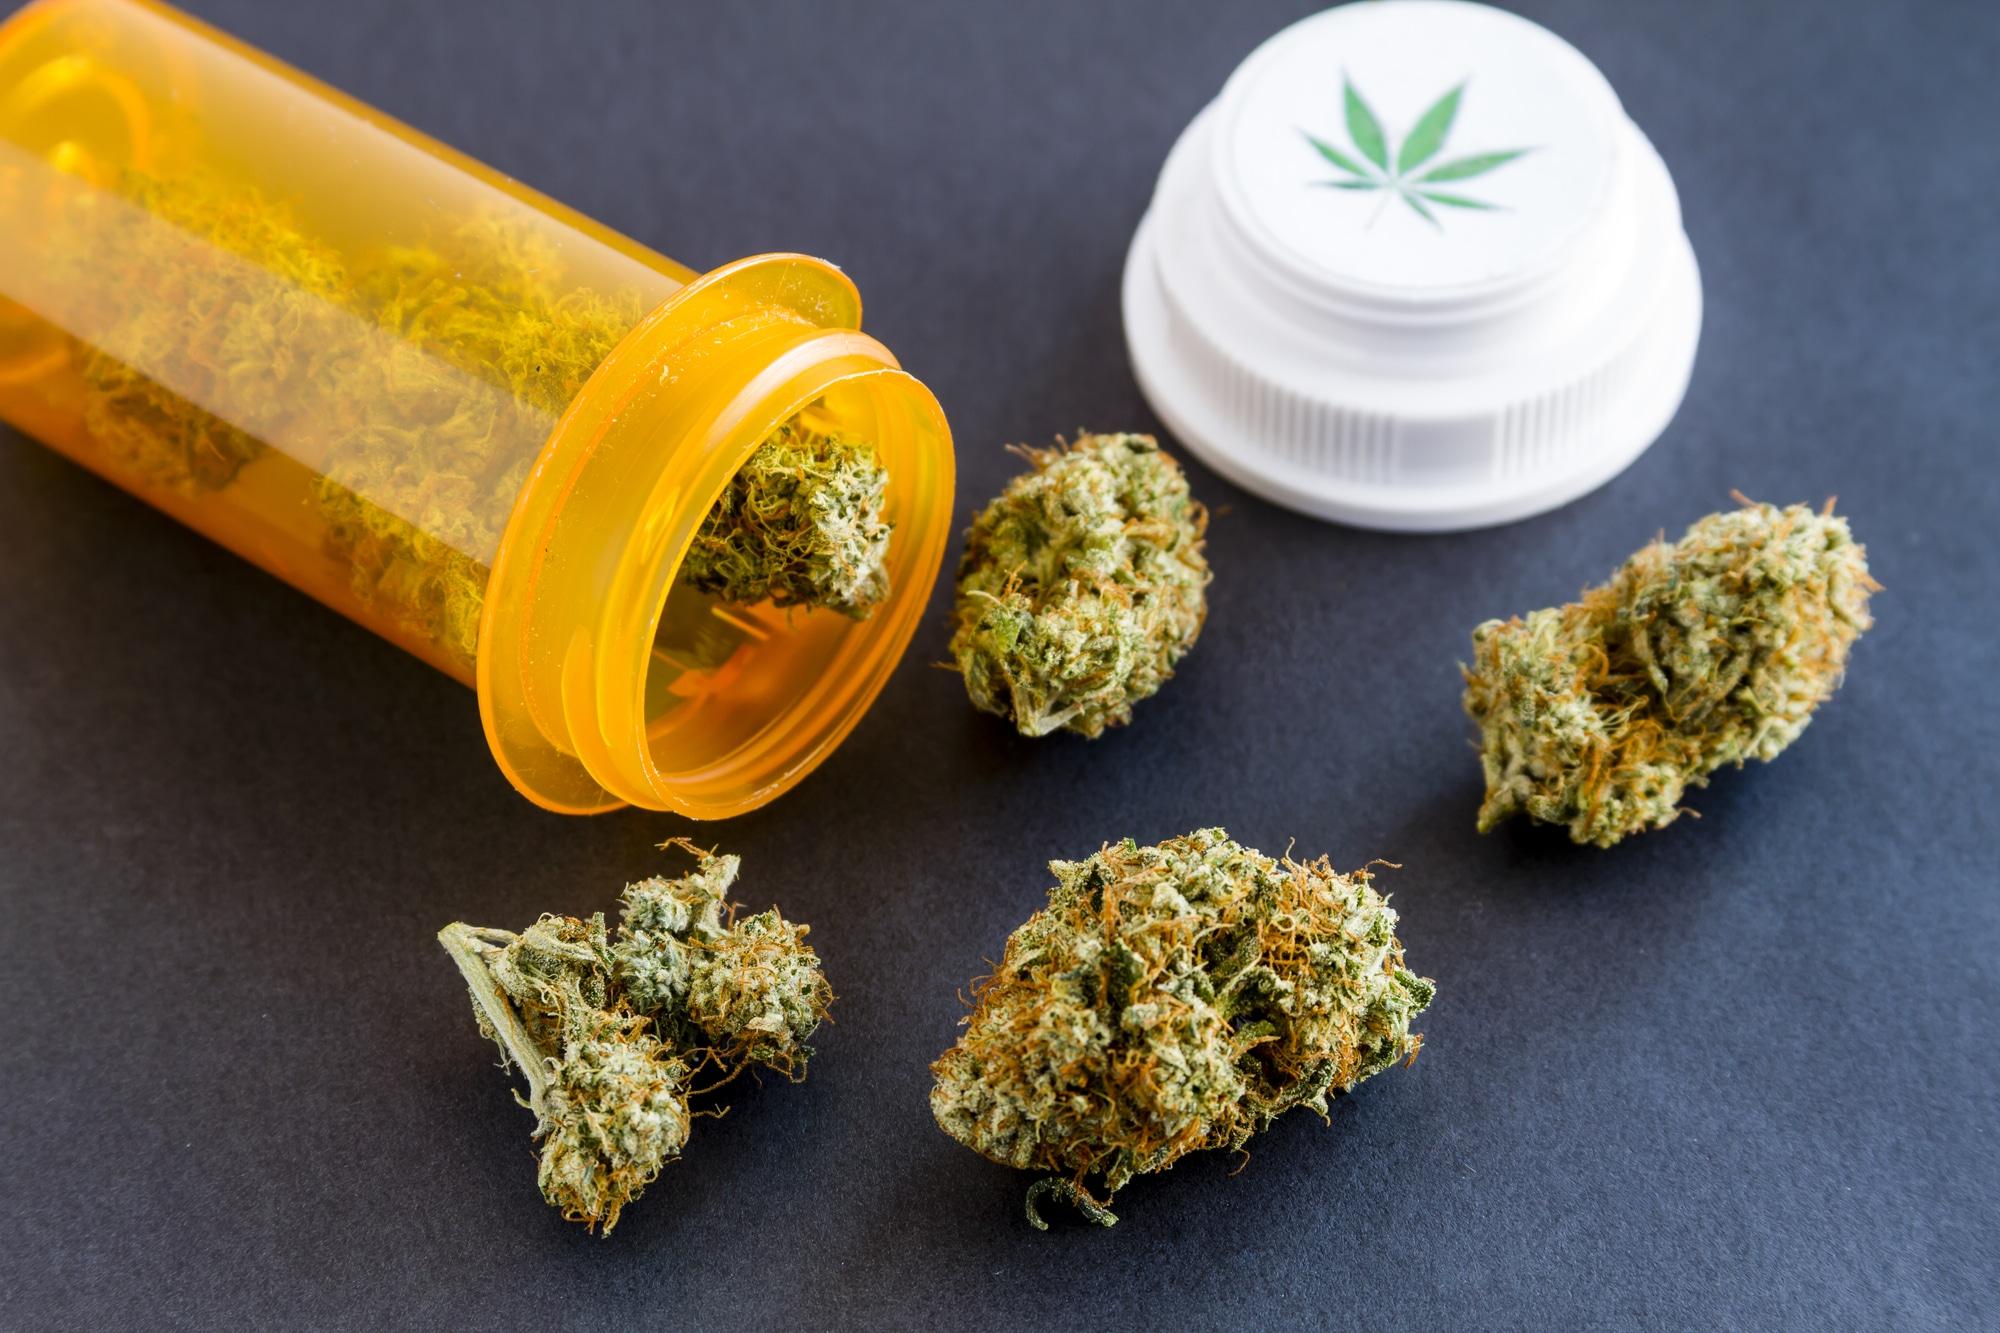 Marijuana buds spilling out of orange prescription bottle